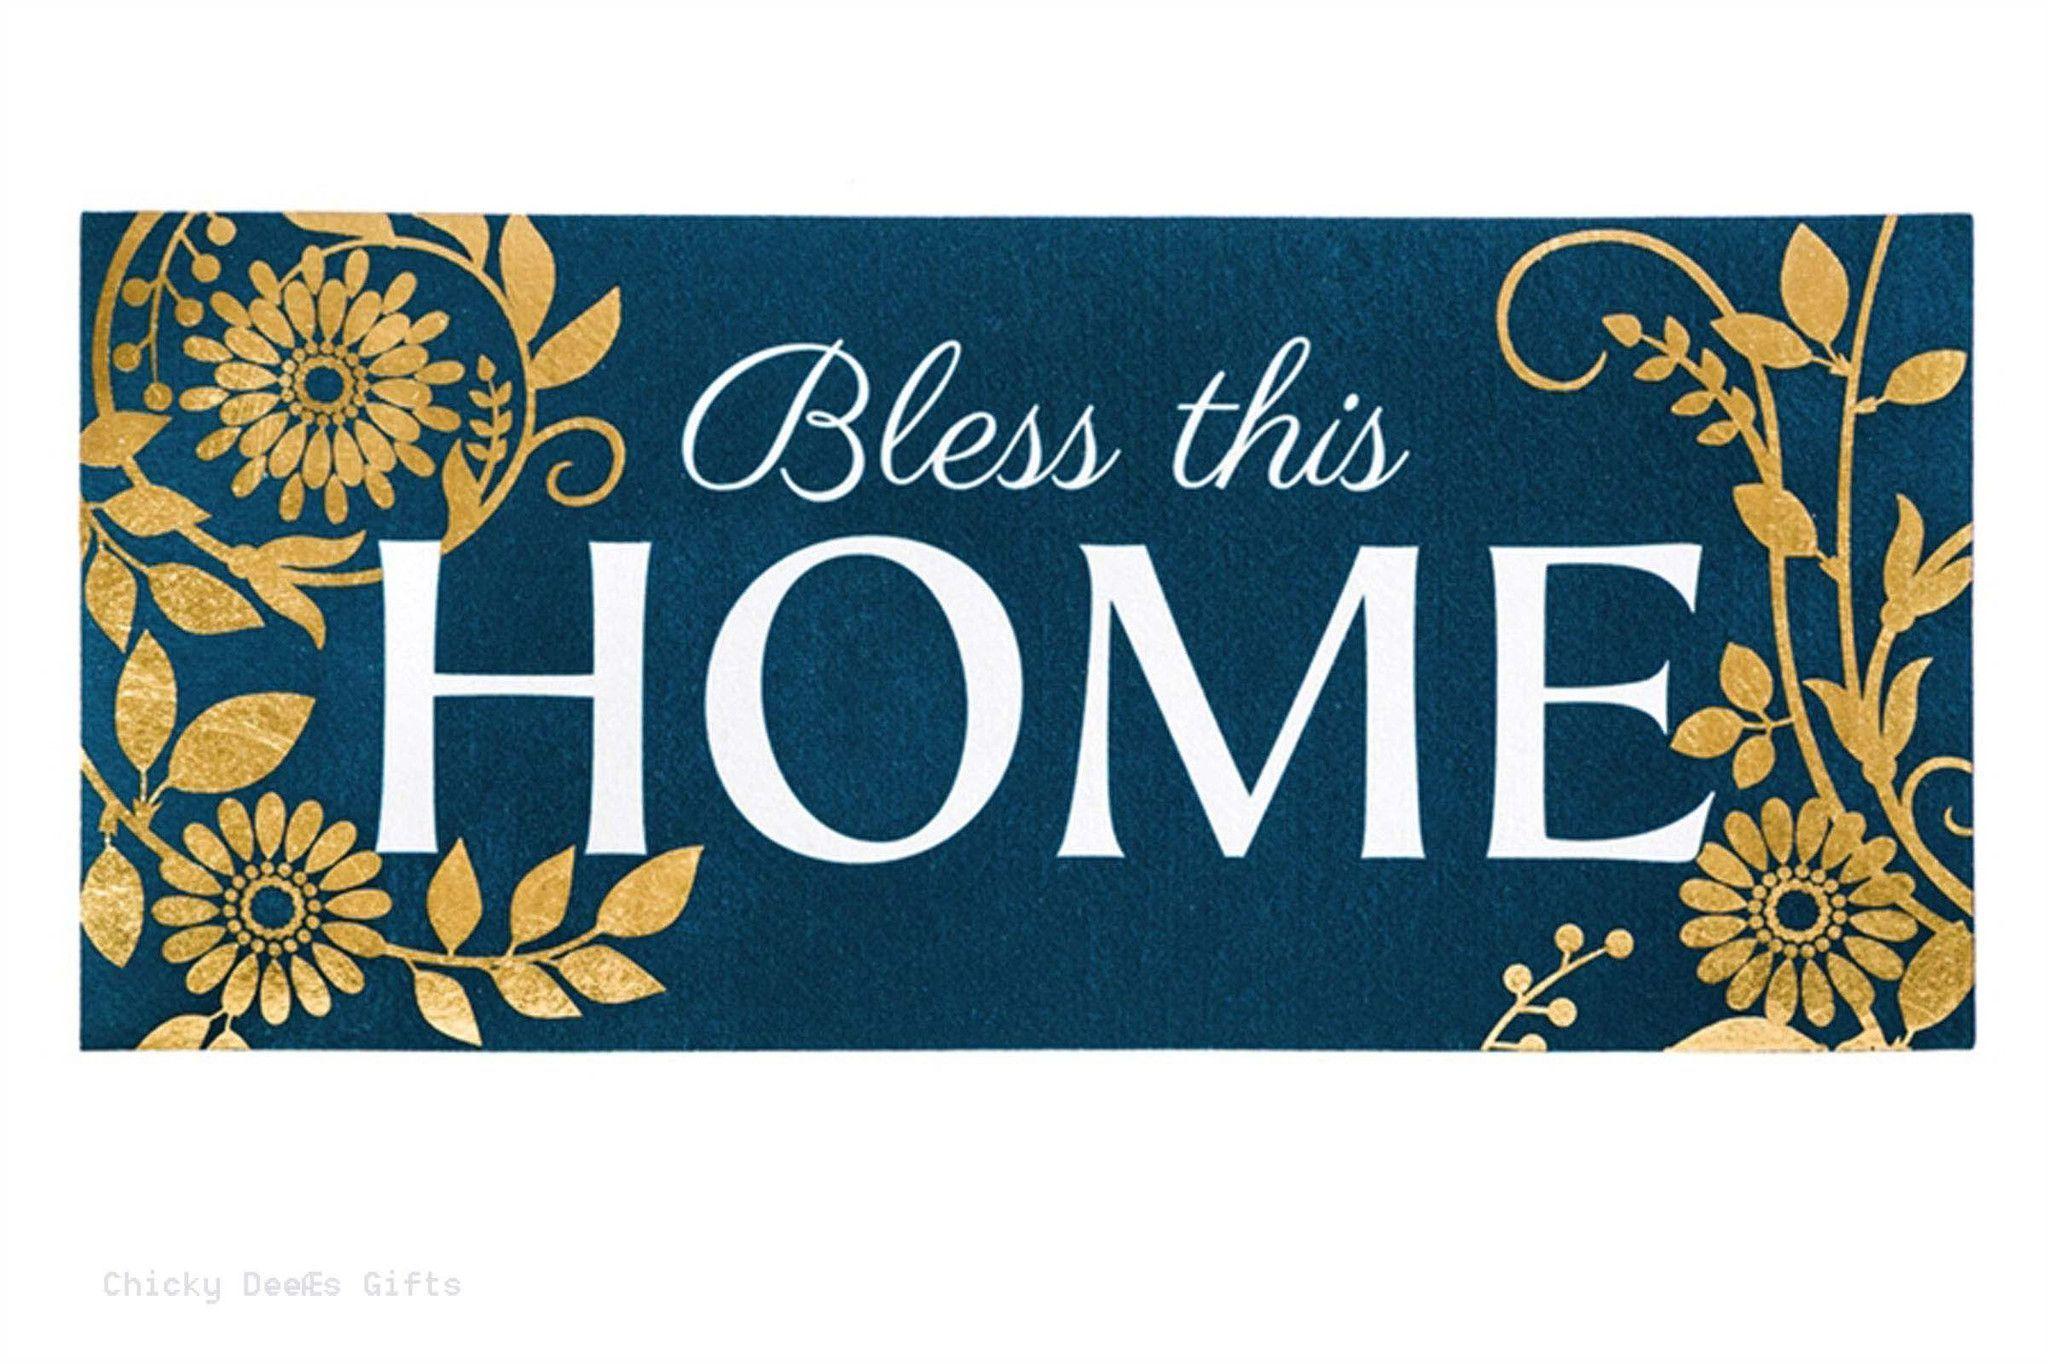 Evergreen Sassafras Switch Mat Garden Bless This Home 431163BL